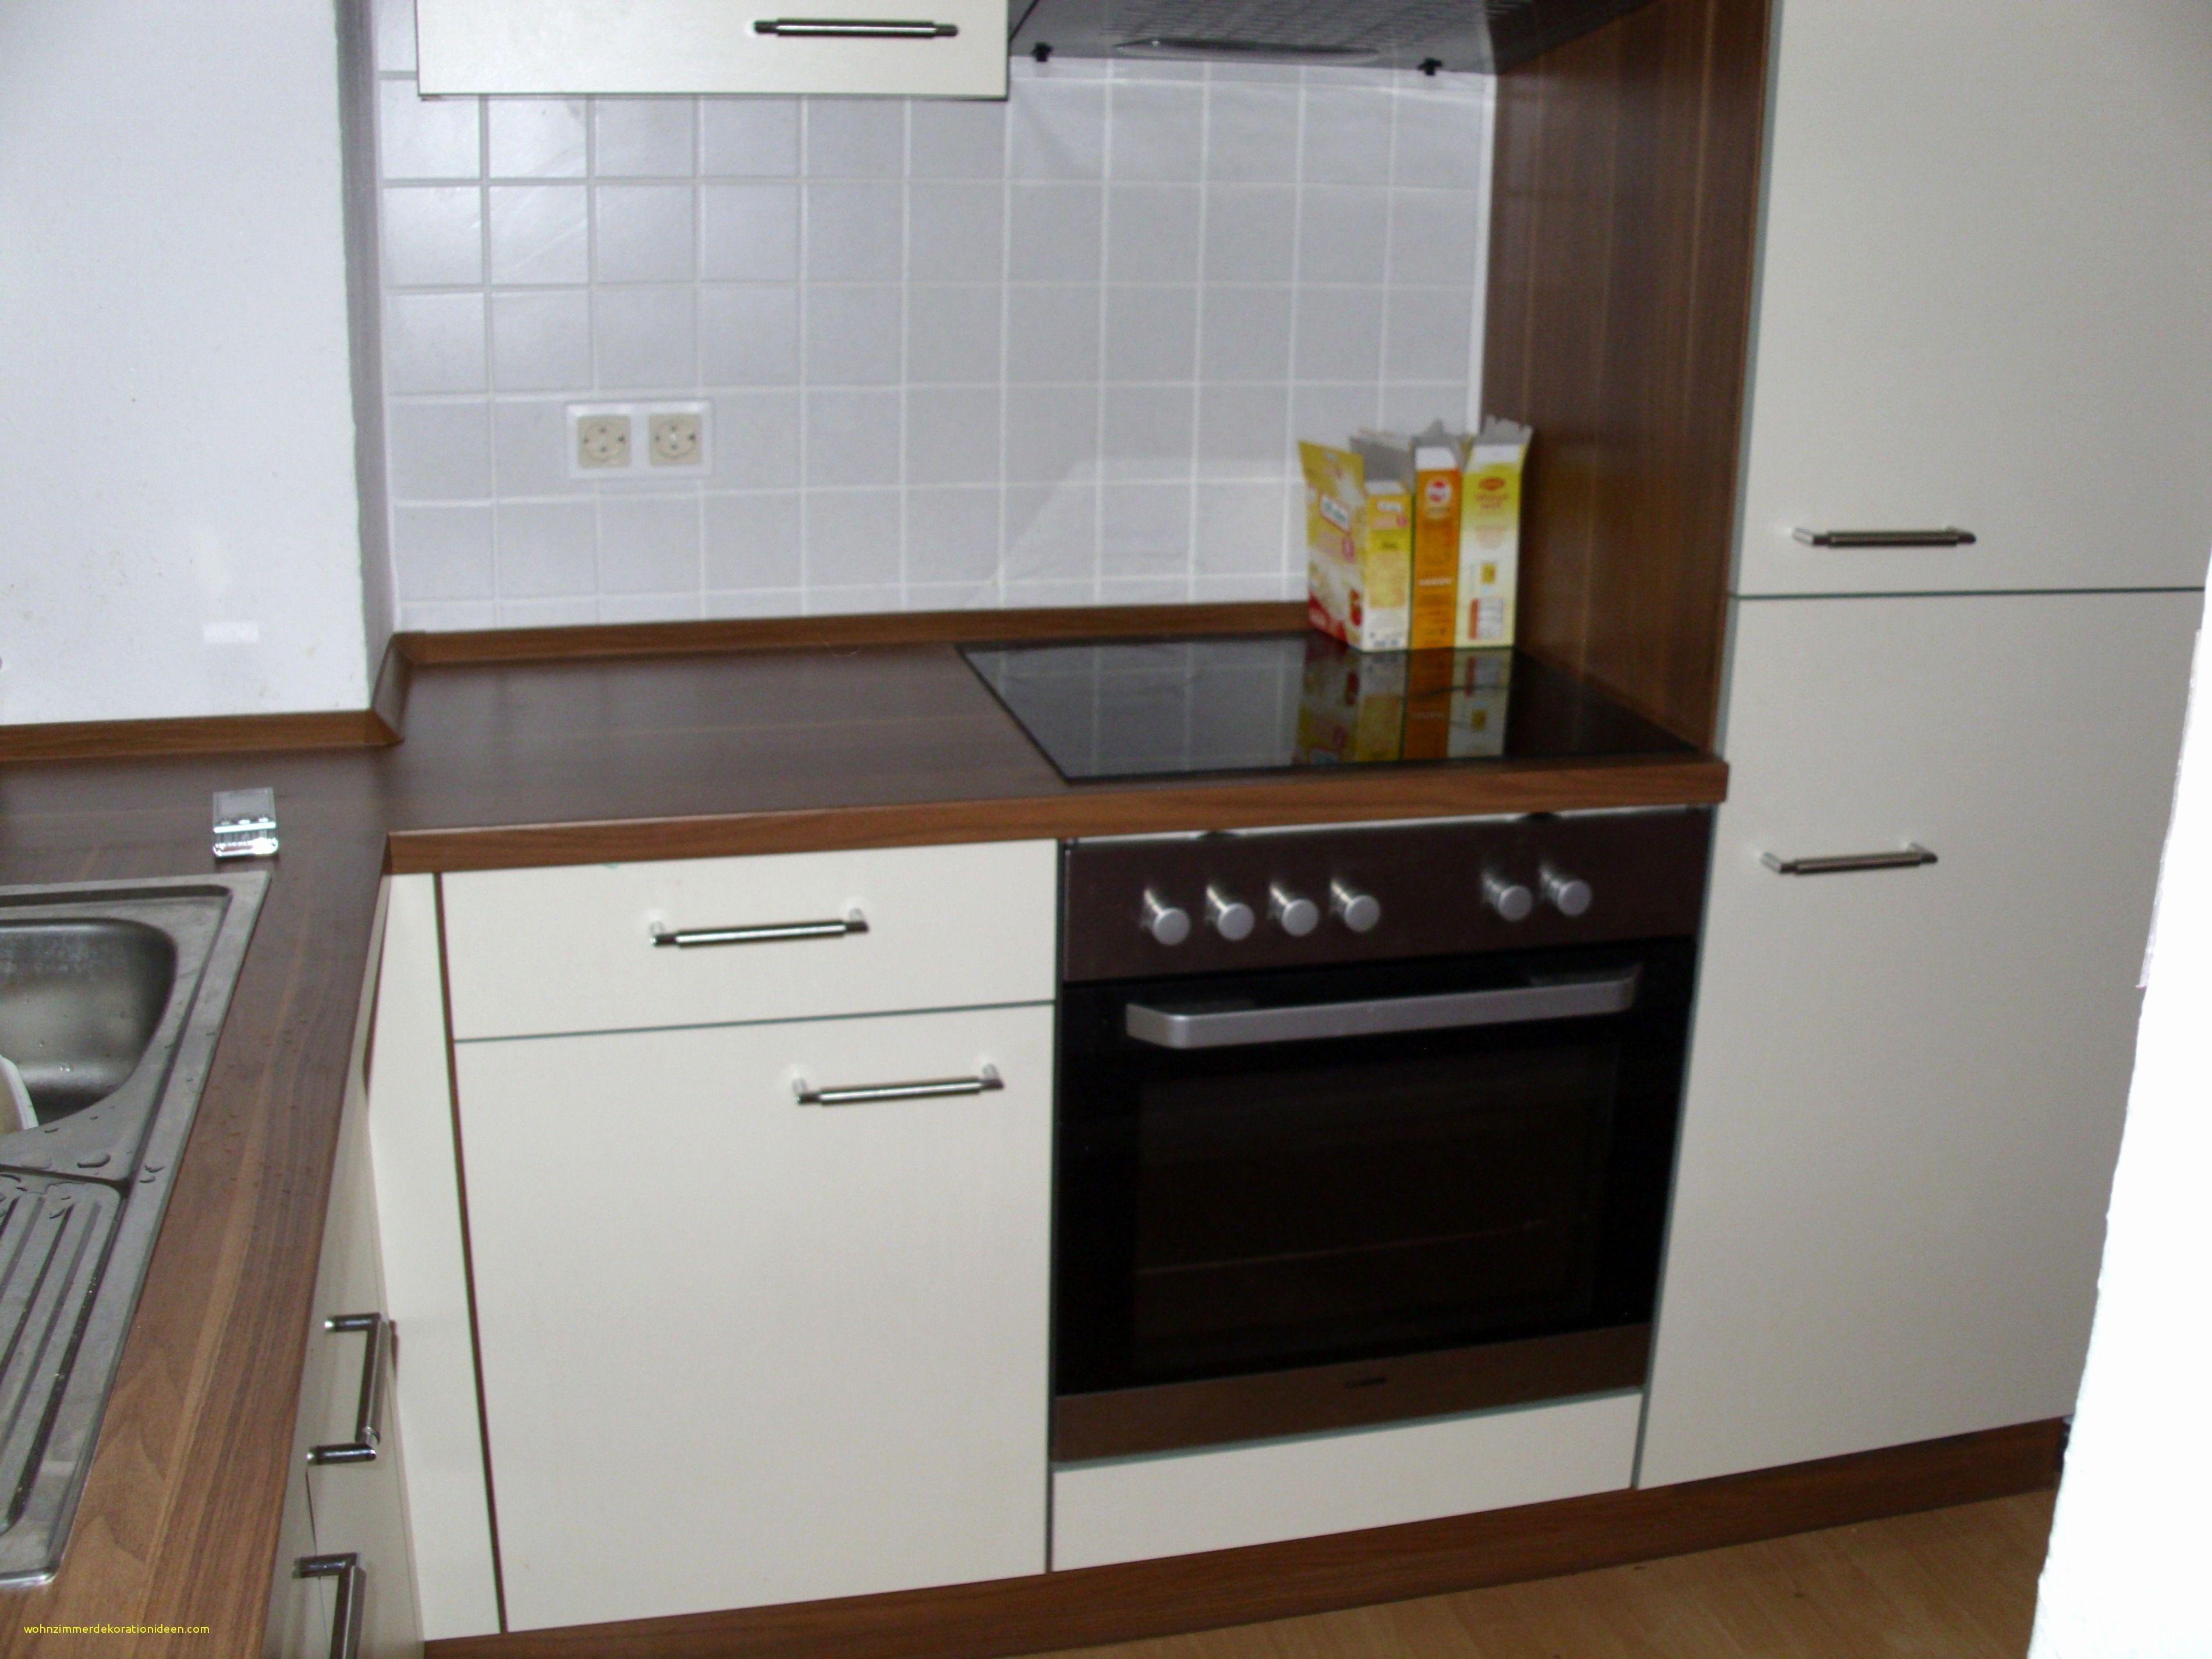 46 Einzigartig Kuchenzeile Abschlussleiste Kitchen Home Decor Kitchen Cabinets